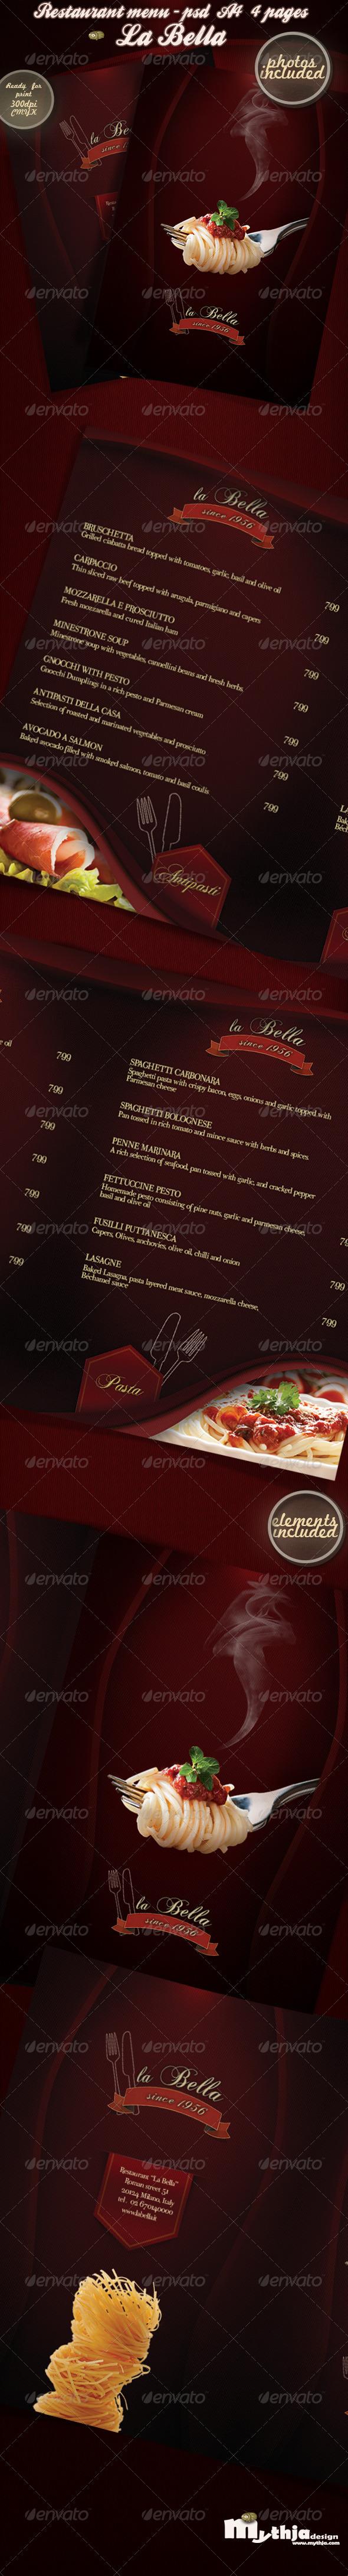 GraphicRiver La Bella Restaurant Menu Photos Included 2427045